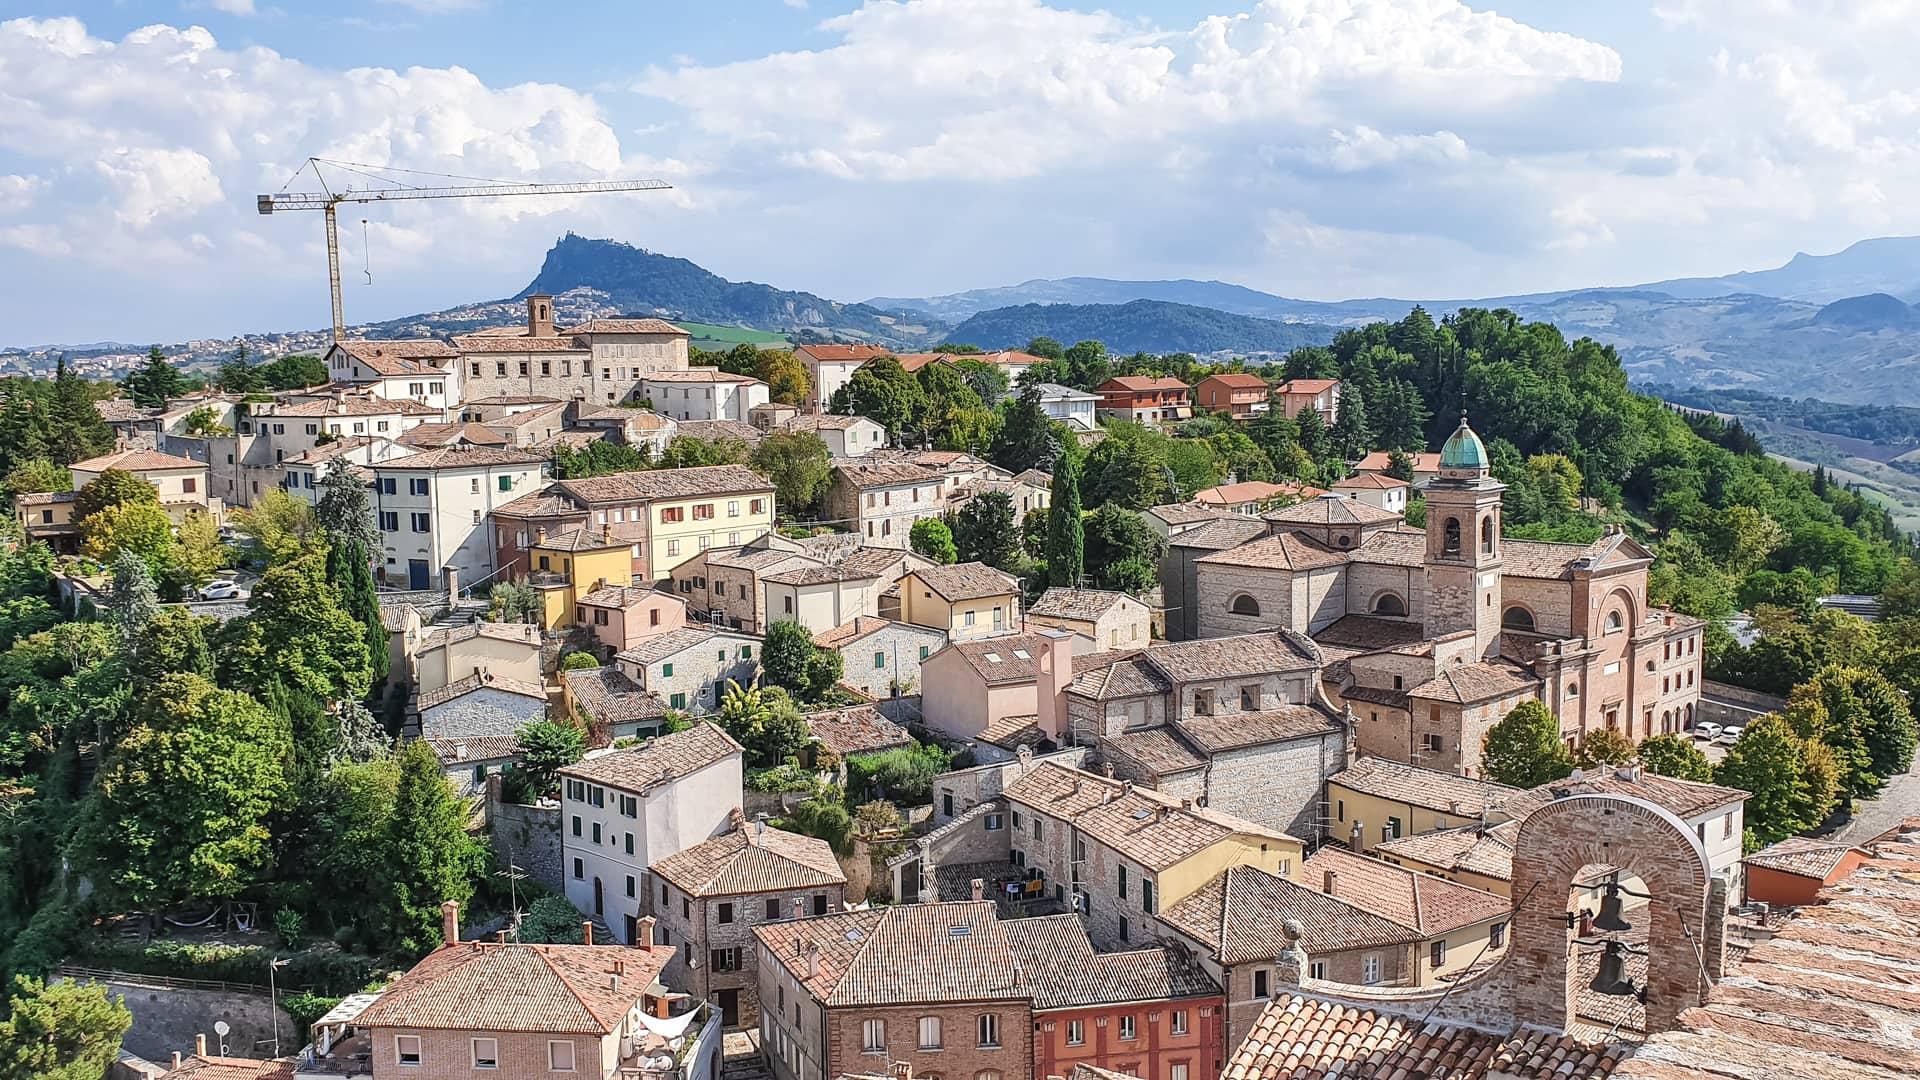 Una vista meravigliosa sul paese di Verucchio dalla cima della torre e su tutta la bellissima romagna. Si notano sullo sfondo le alture e il verde che le popola.